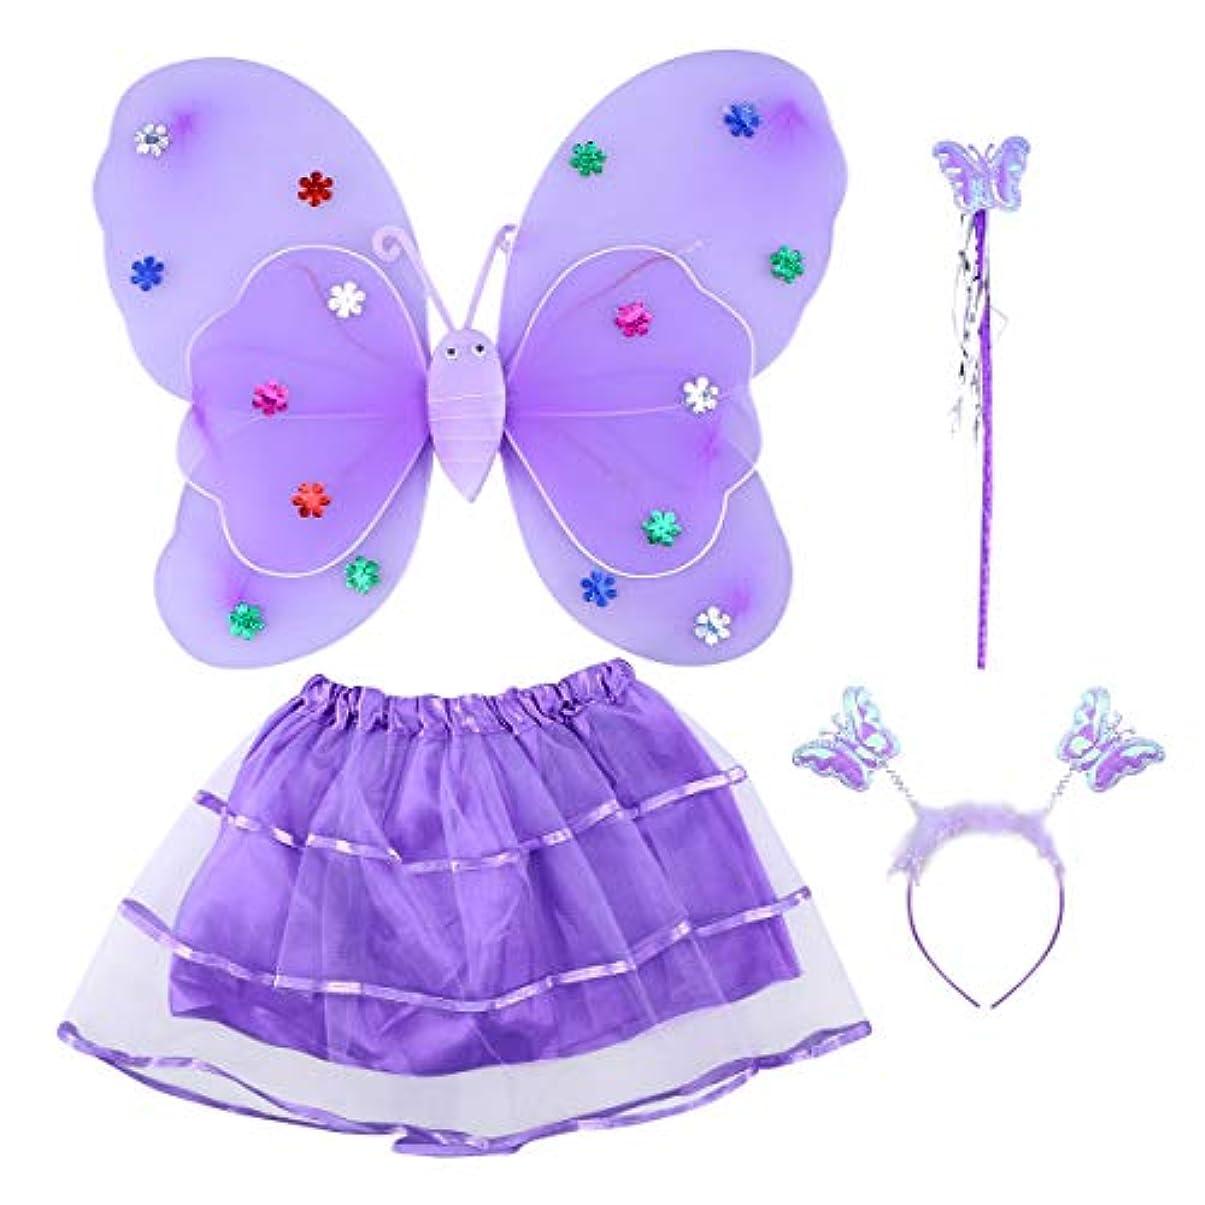 これまで抱擁味わうBESTOYARD 4本の女の子のチュチュスカート蝶の羽の杖LEDライトフェアリーコスチュームセット二重層蝶の羽の杖ヘッドバンドパーティーコスチュームセット(パープル)